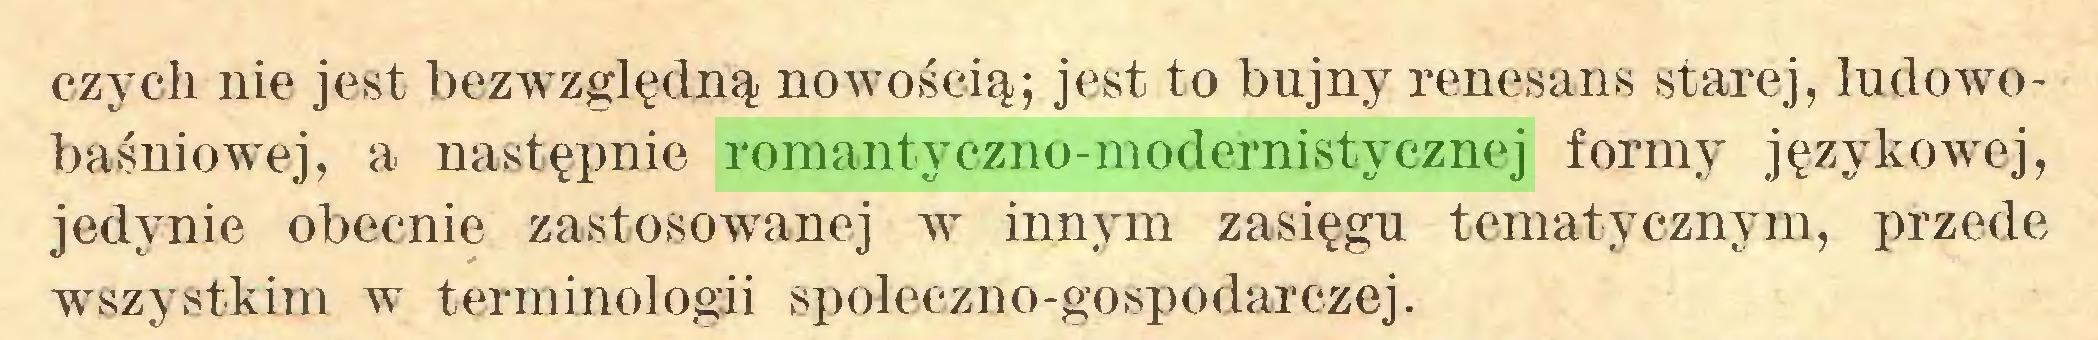 (...) czy eh nie jest bezwzględną nowością; jest to bujny renesans starej, ludowobaśniowej, a następnie romantyczno-modernistycznej formy językowej, jedynie obecnie zastosowanej w innym zasięgu tematycznym, przede wszystkim w terminologii społeczno-gospodarczej...